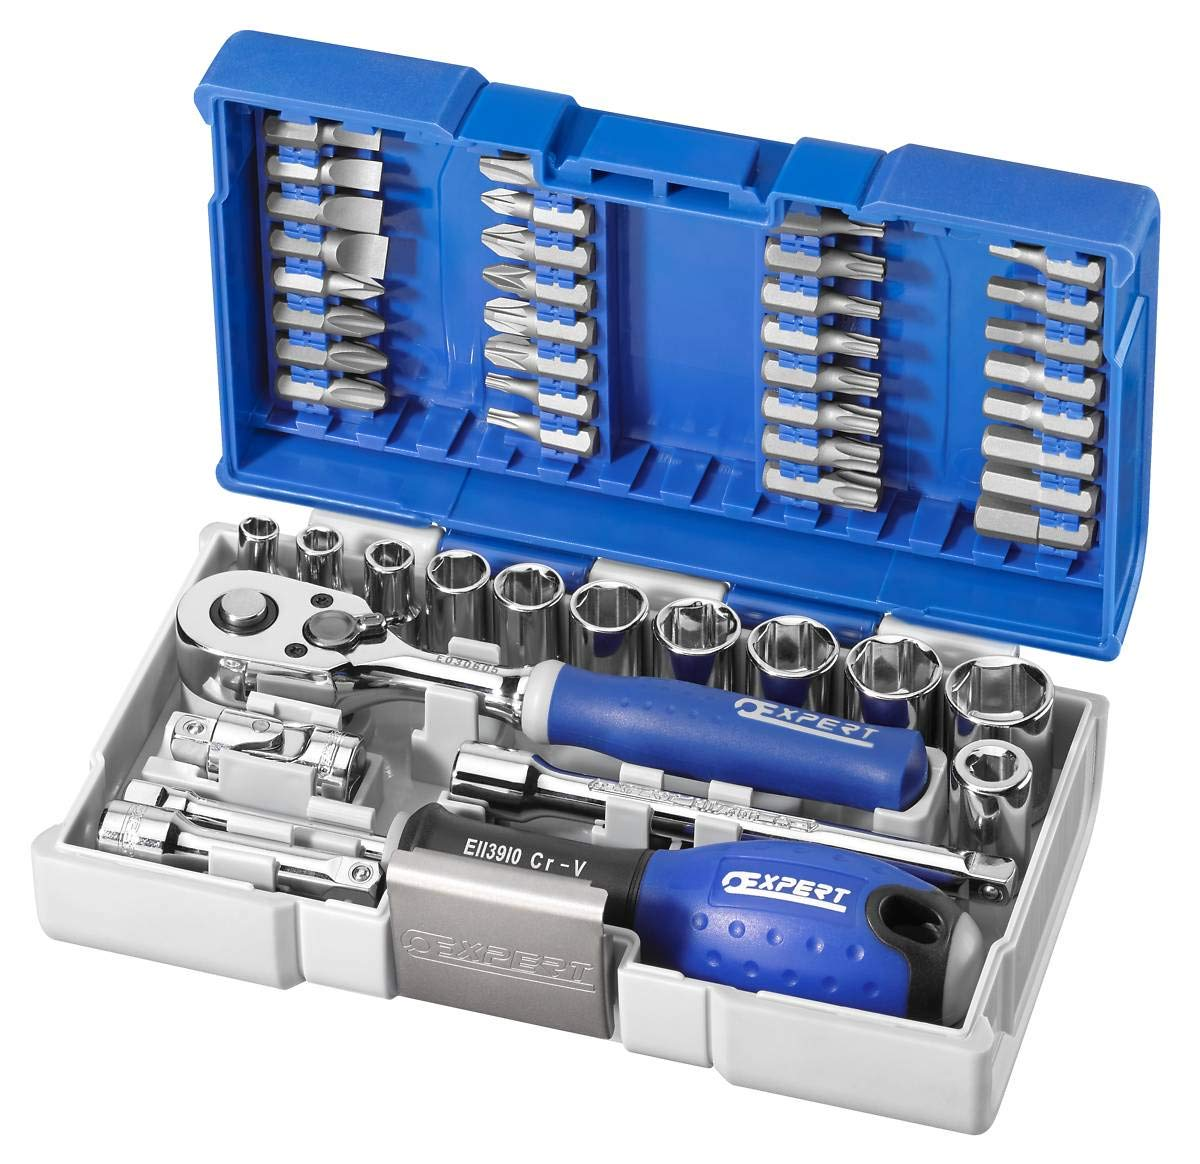 EXPERT by Facom e030729 - Juego de llaves de carraca y llaves de vaso y puntas 1/4: Amazon.es: Bricolaje y herramientas